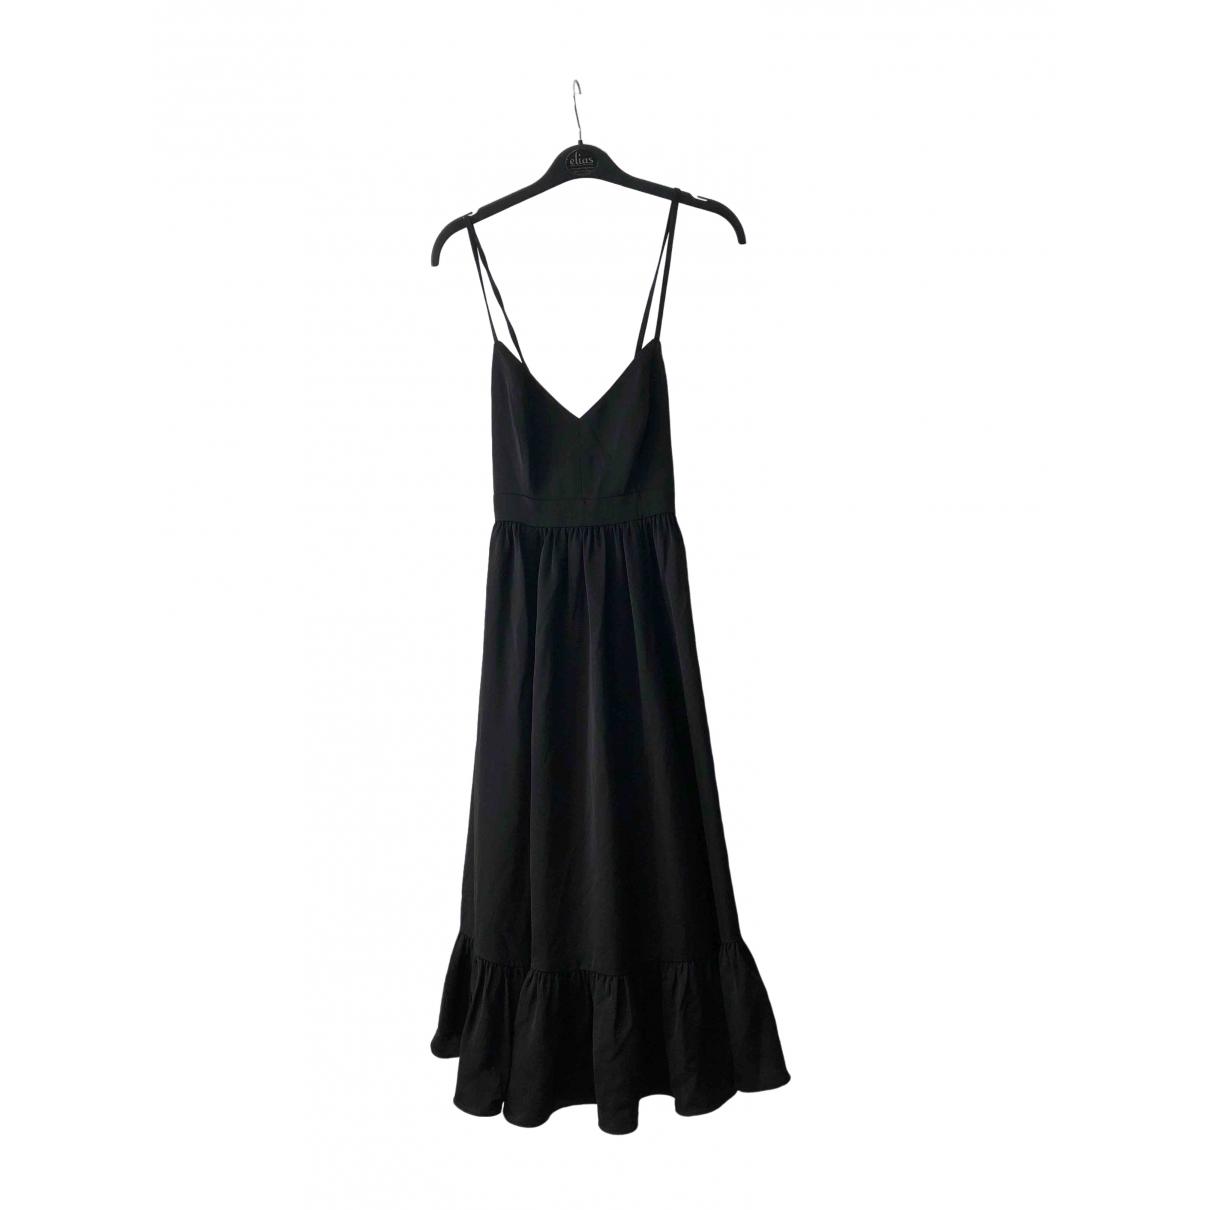 J.crew \N Kleid in  Schwarz Polyester